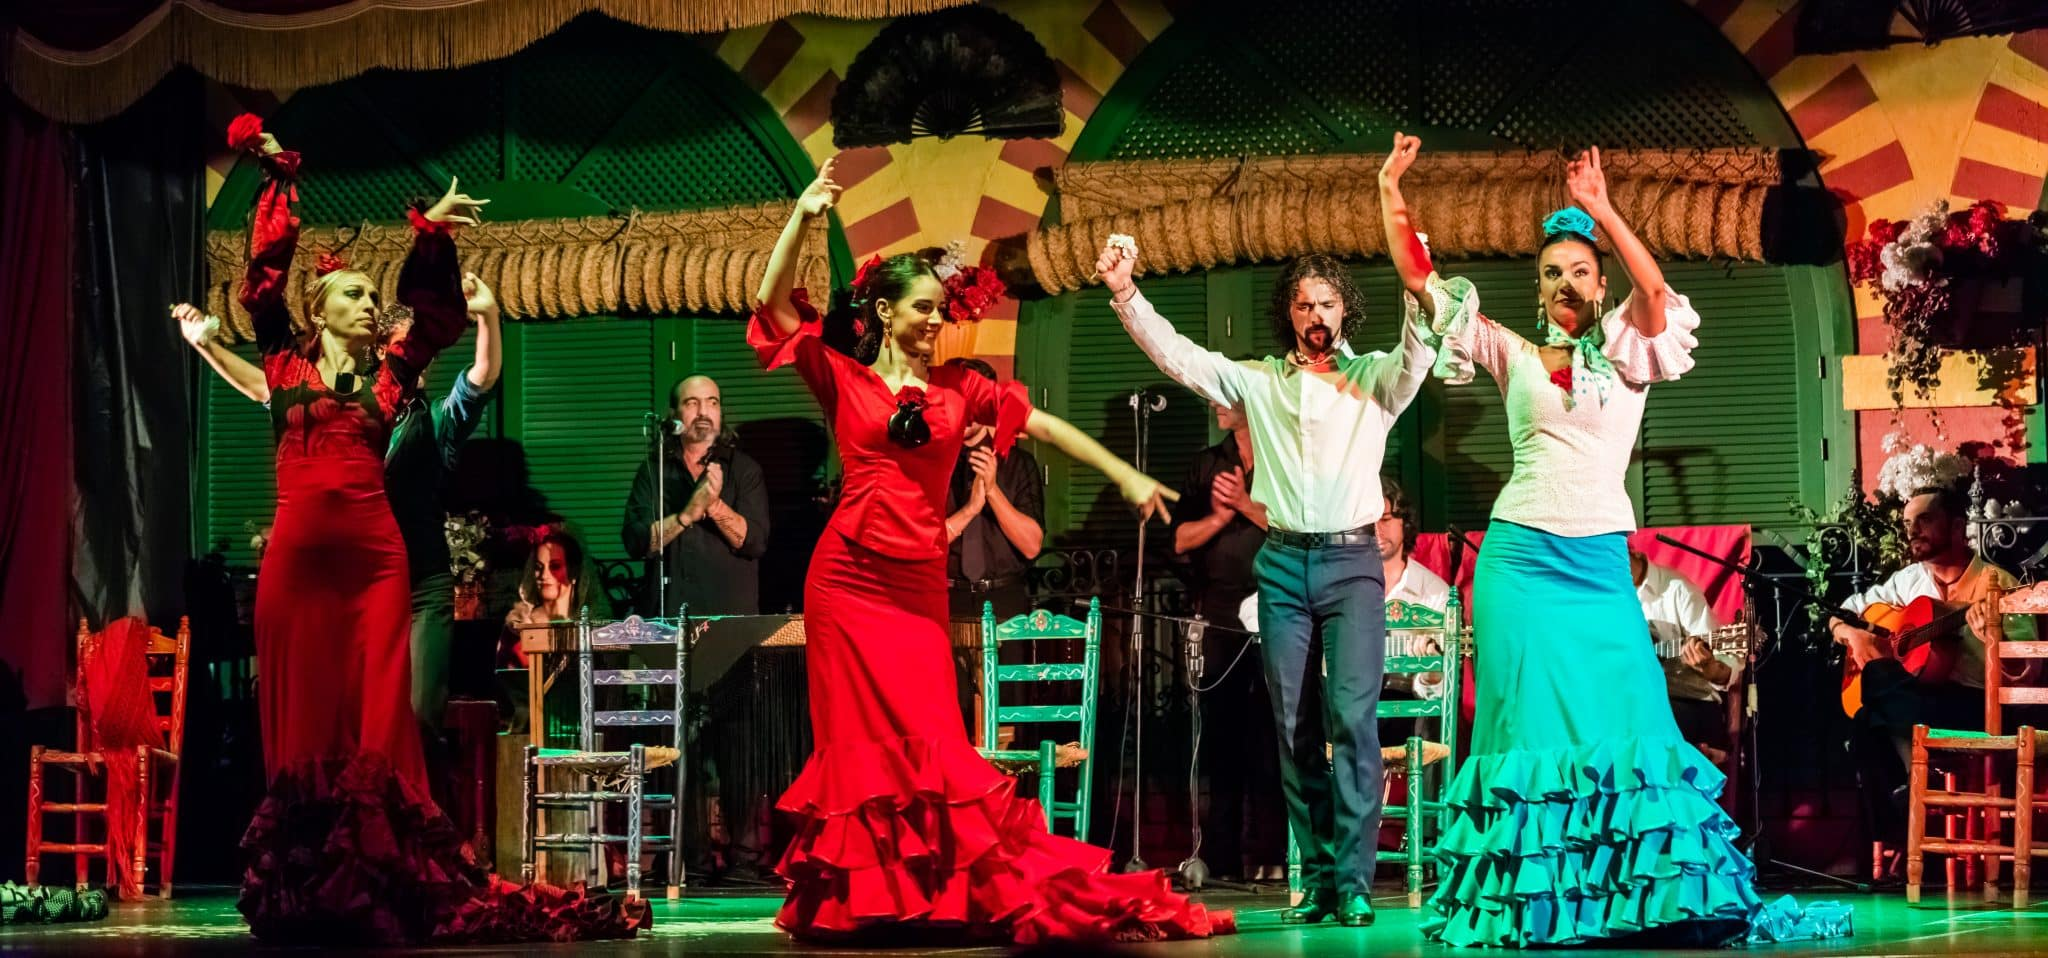 Flamenco_en_el_Palacio_Andaluz,_Sevilla,_España